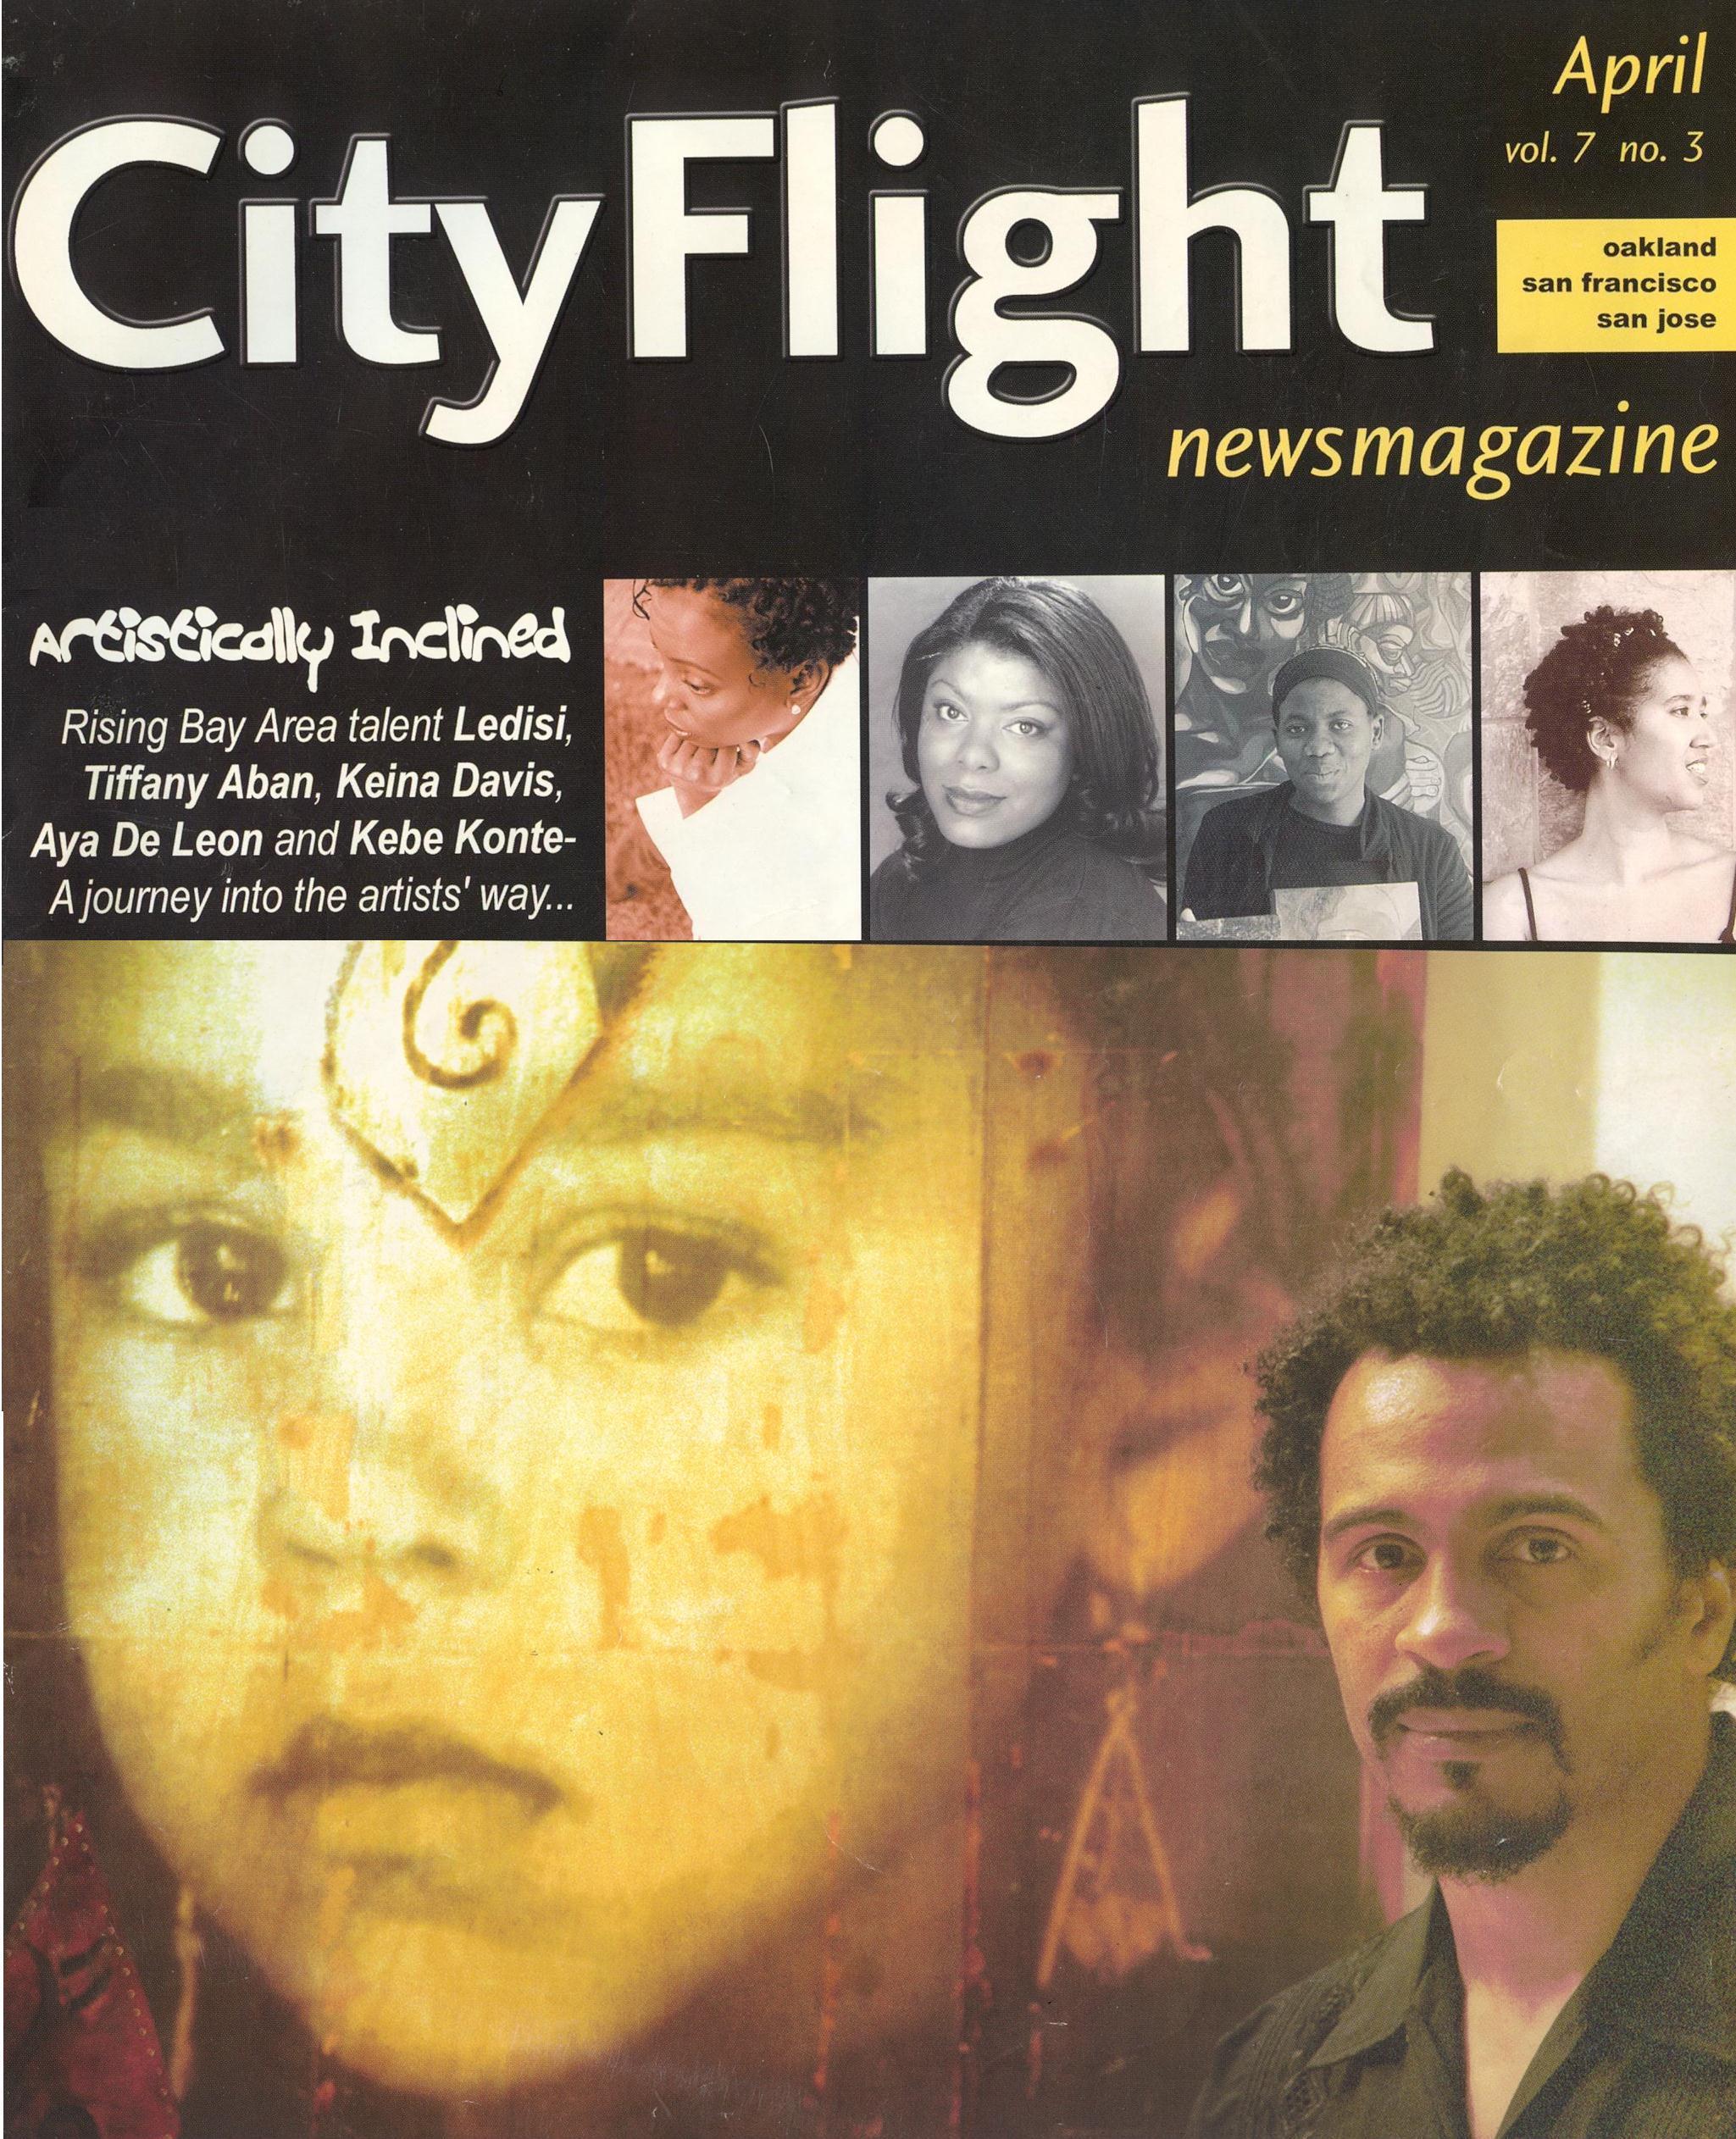 CITY FLIGHT